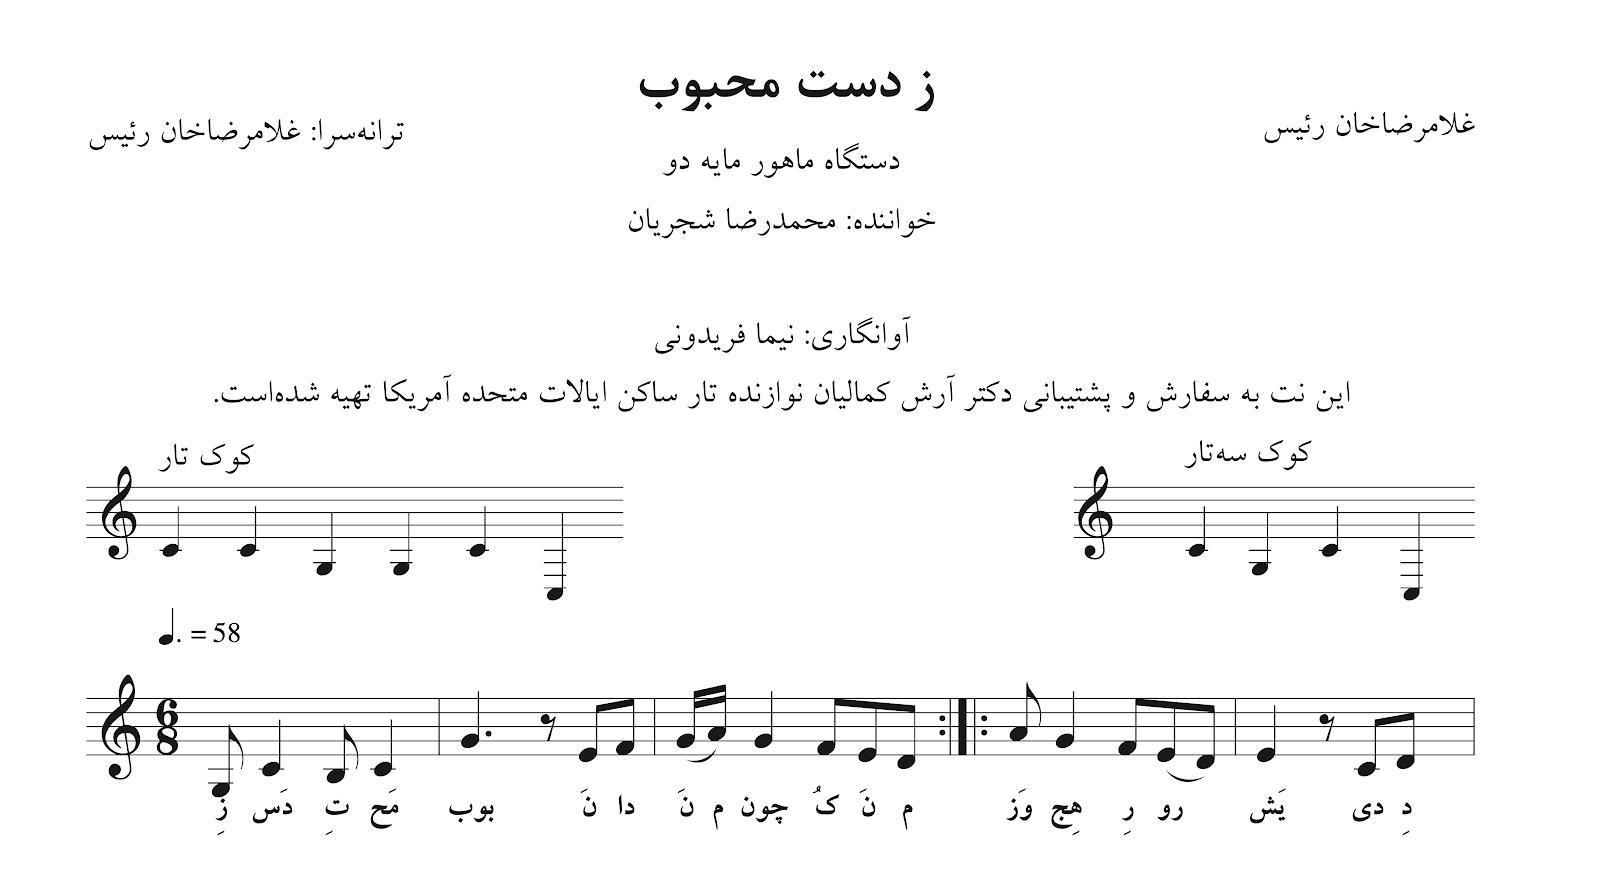 نت آهنگ ز دست محبوب غلام رضا خان رئیس دستگاه ماهور آوانگار نیما فریدونی